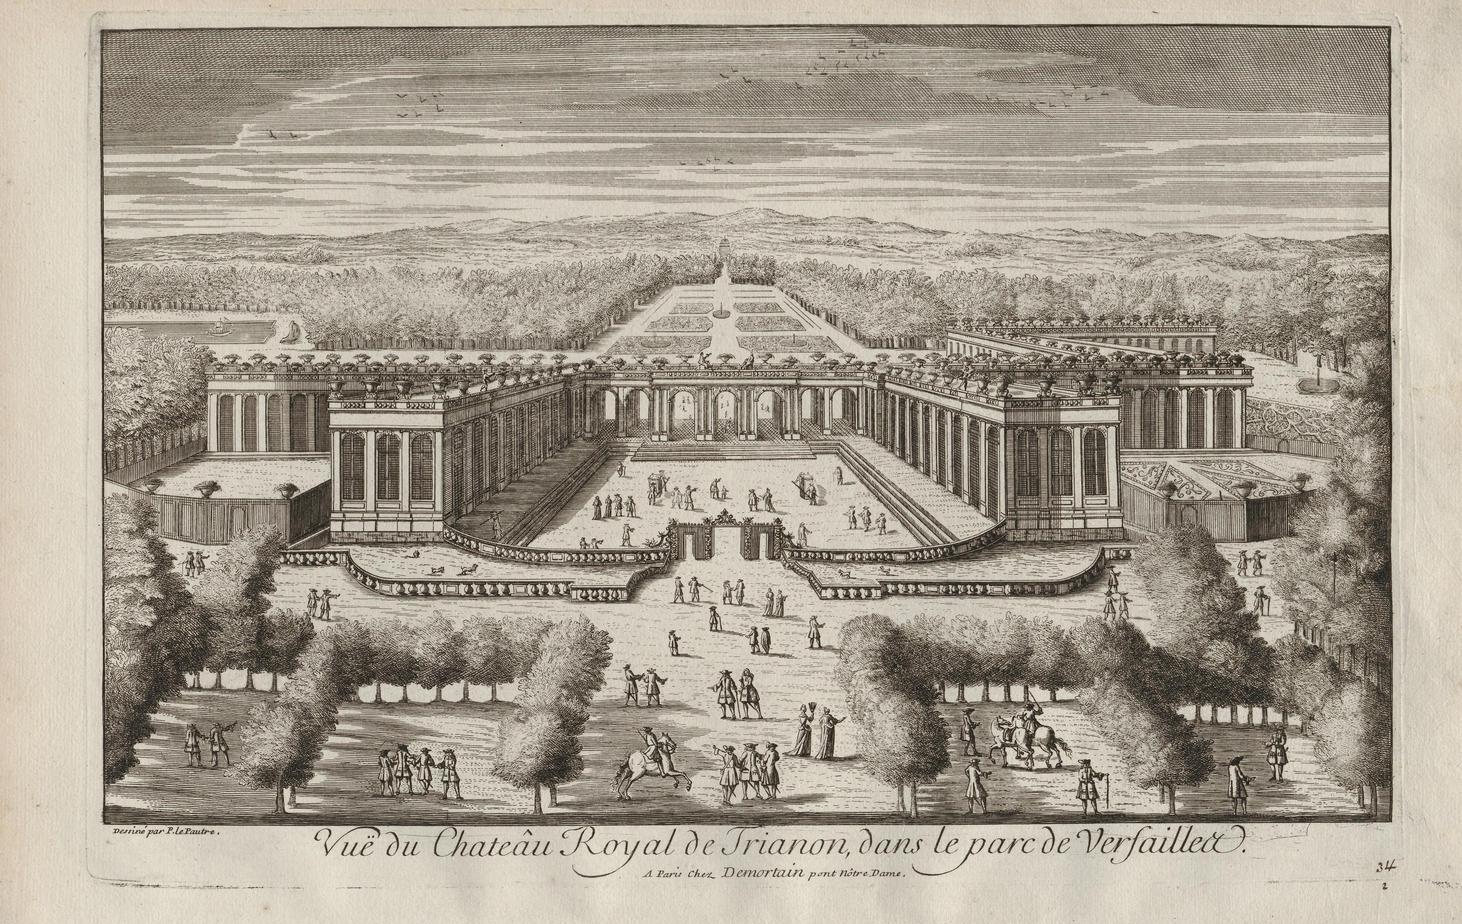 Versailles le baby-sit dating a fait le plein - Le Parisien